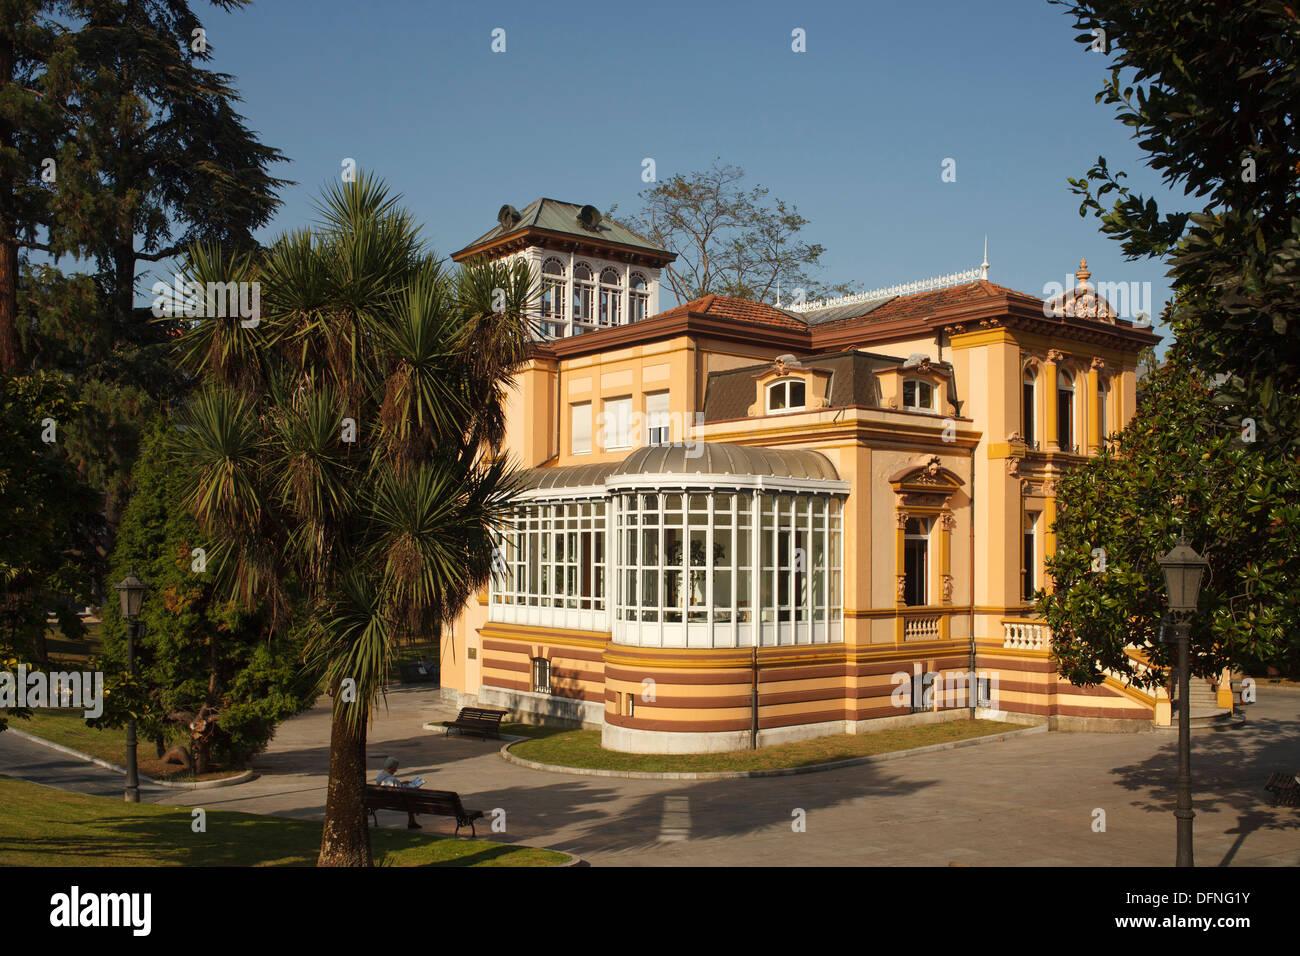 Palace with park, Avenida de Galicia, near Plaza de America, Oviedo, Camino Primitivo, Camino de Santiago, Way of St. James, pil - Stock Image